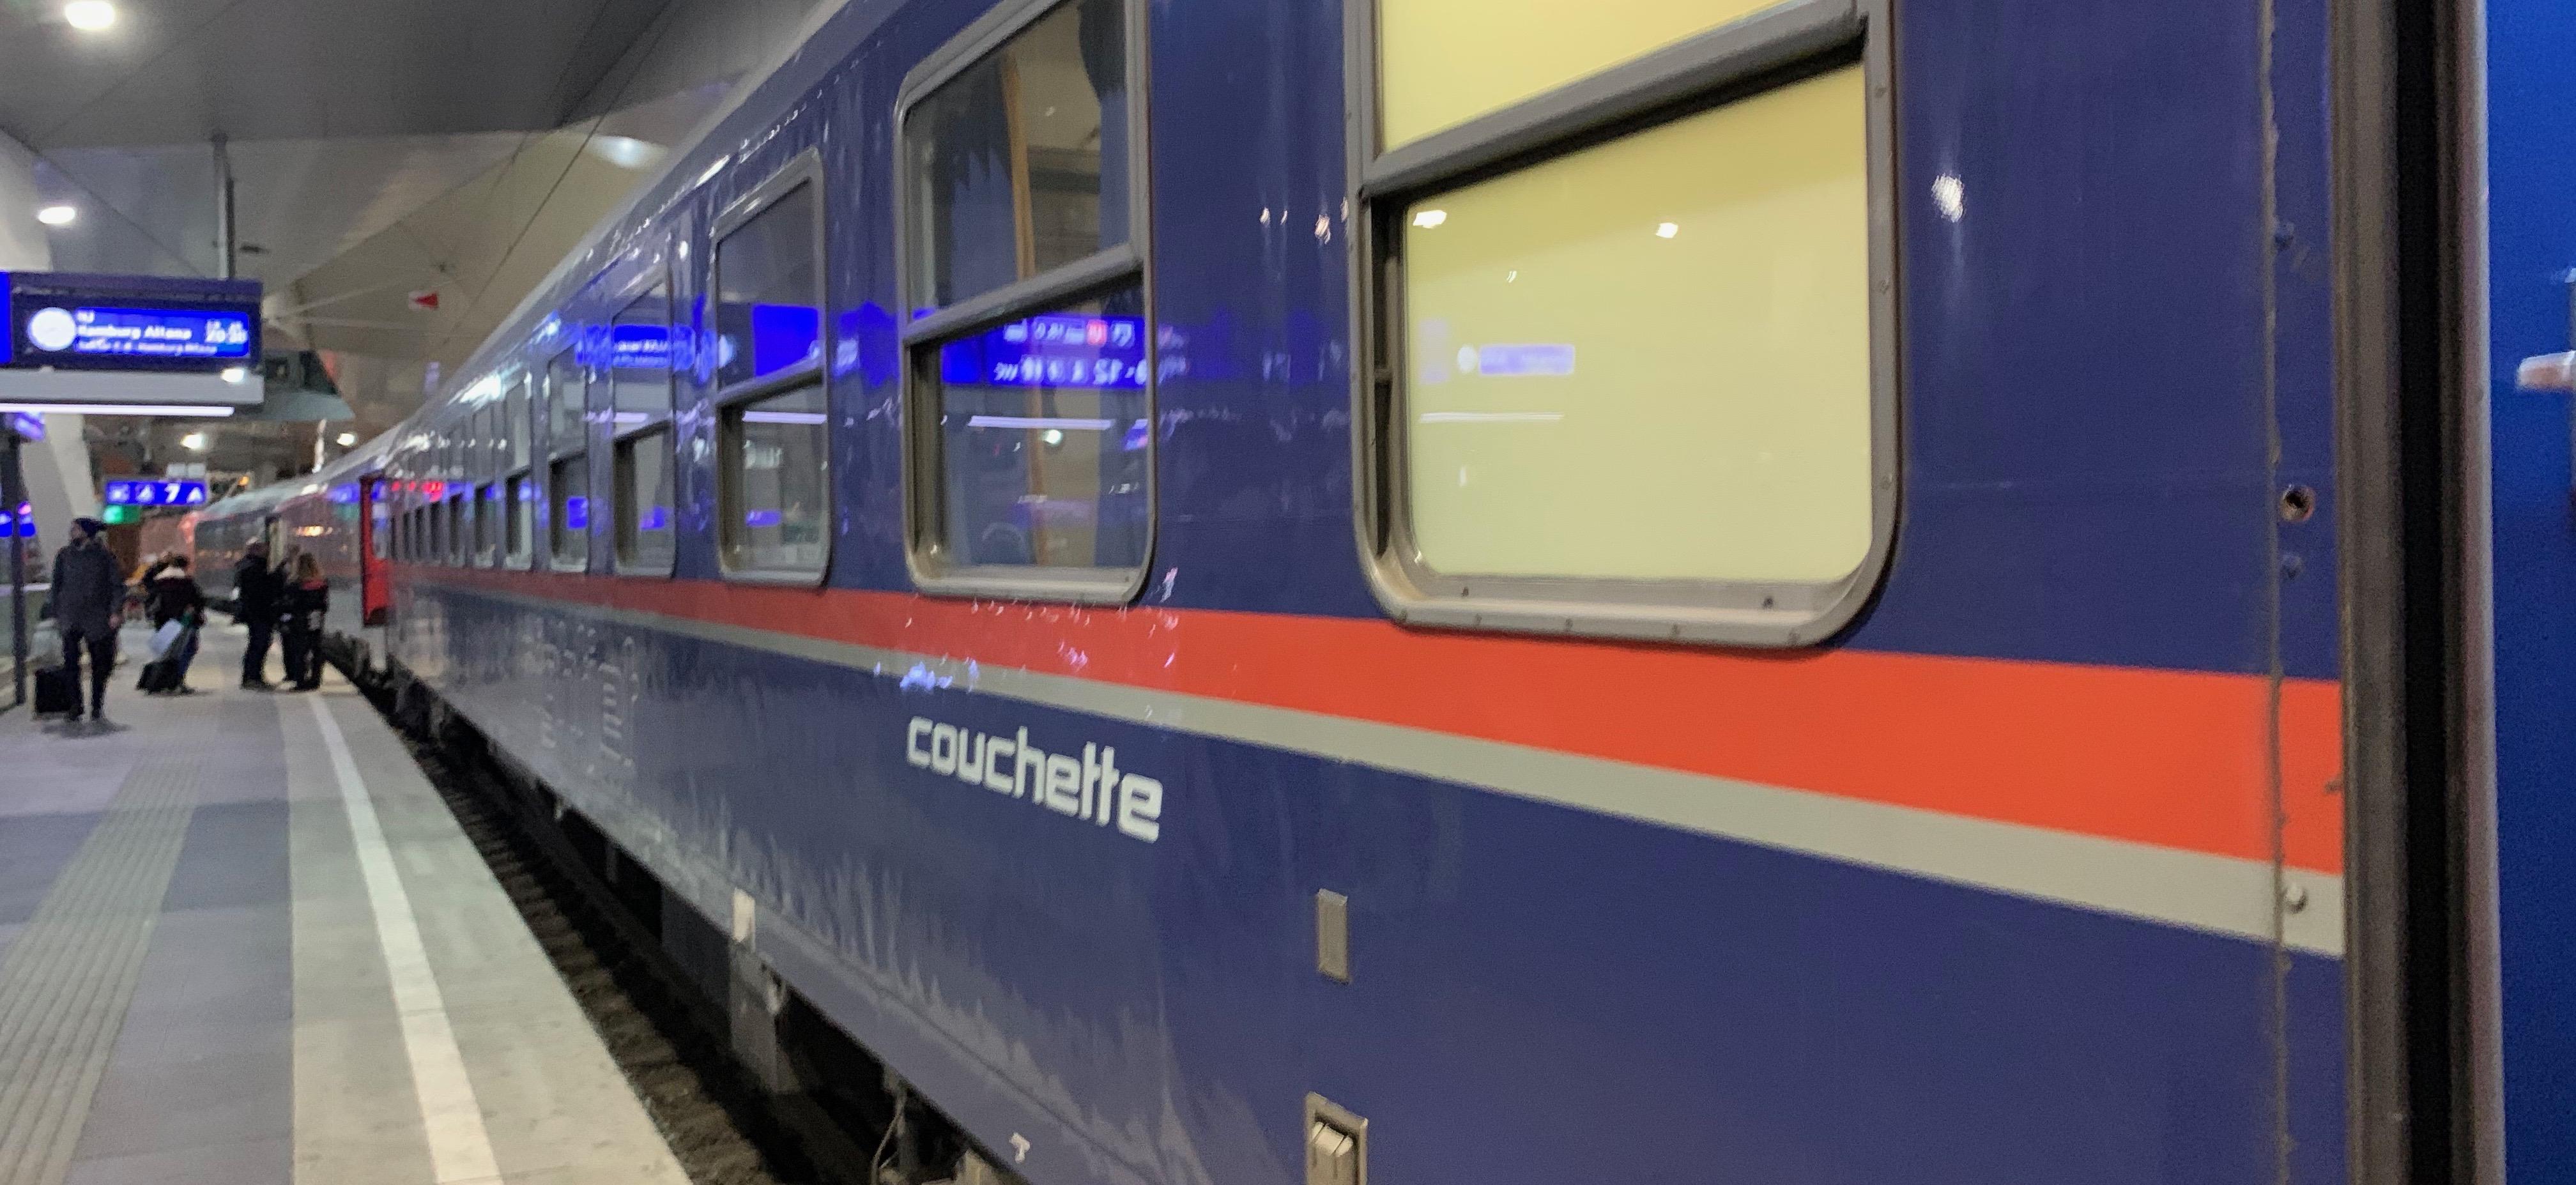 Acht tips voor wie de nachttrein naar Wenen neemt